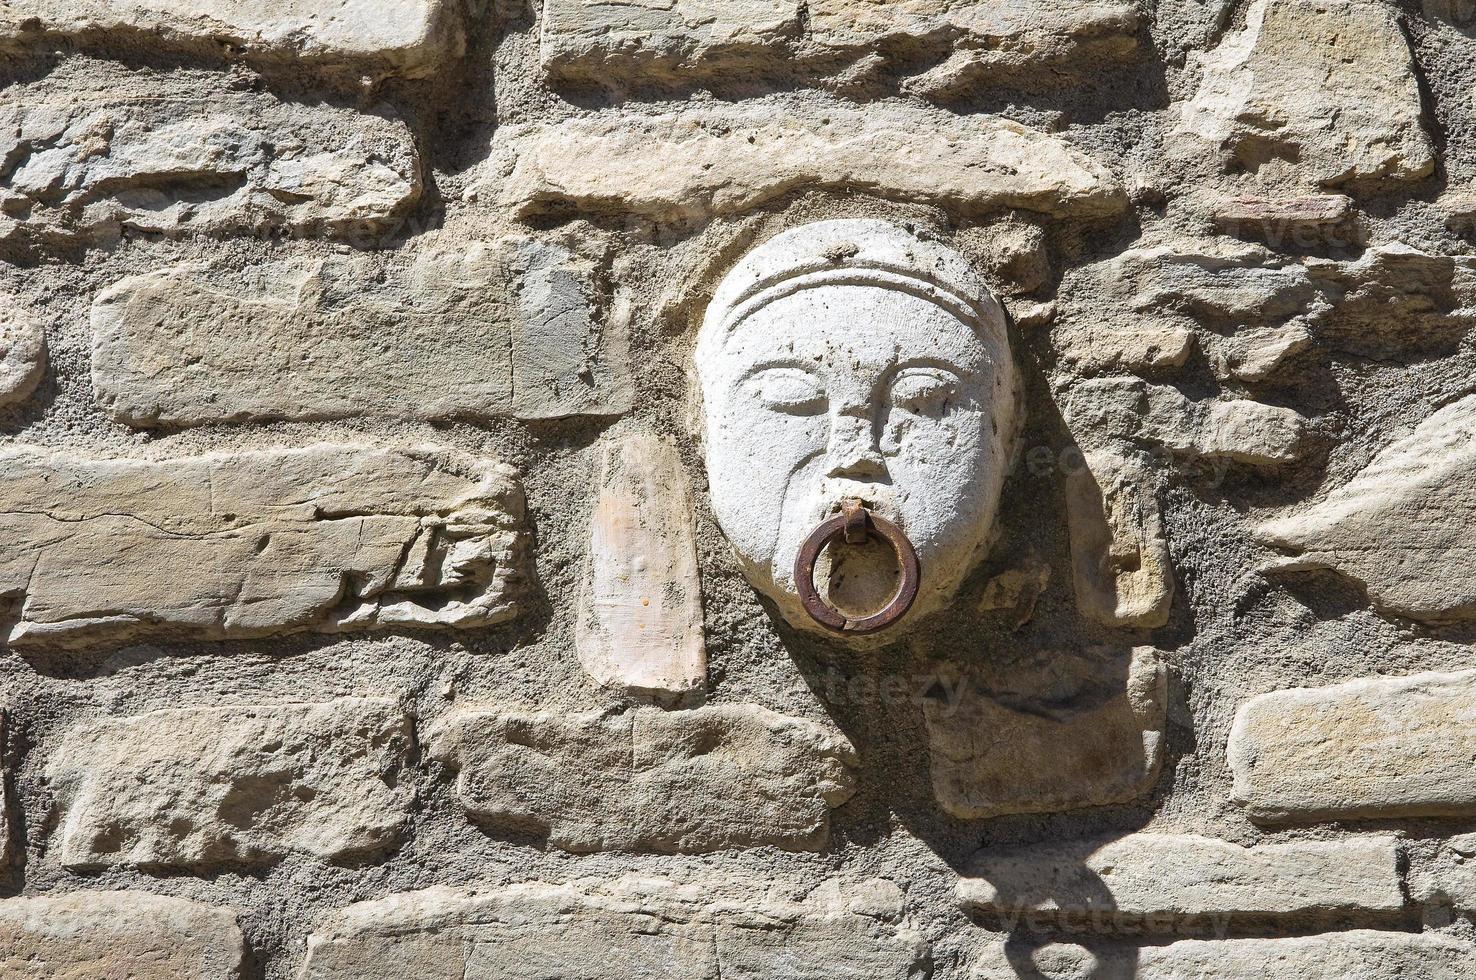 anillo de caballo viejo. guardia perticara. basilicata. Italia. foto